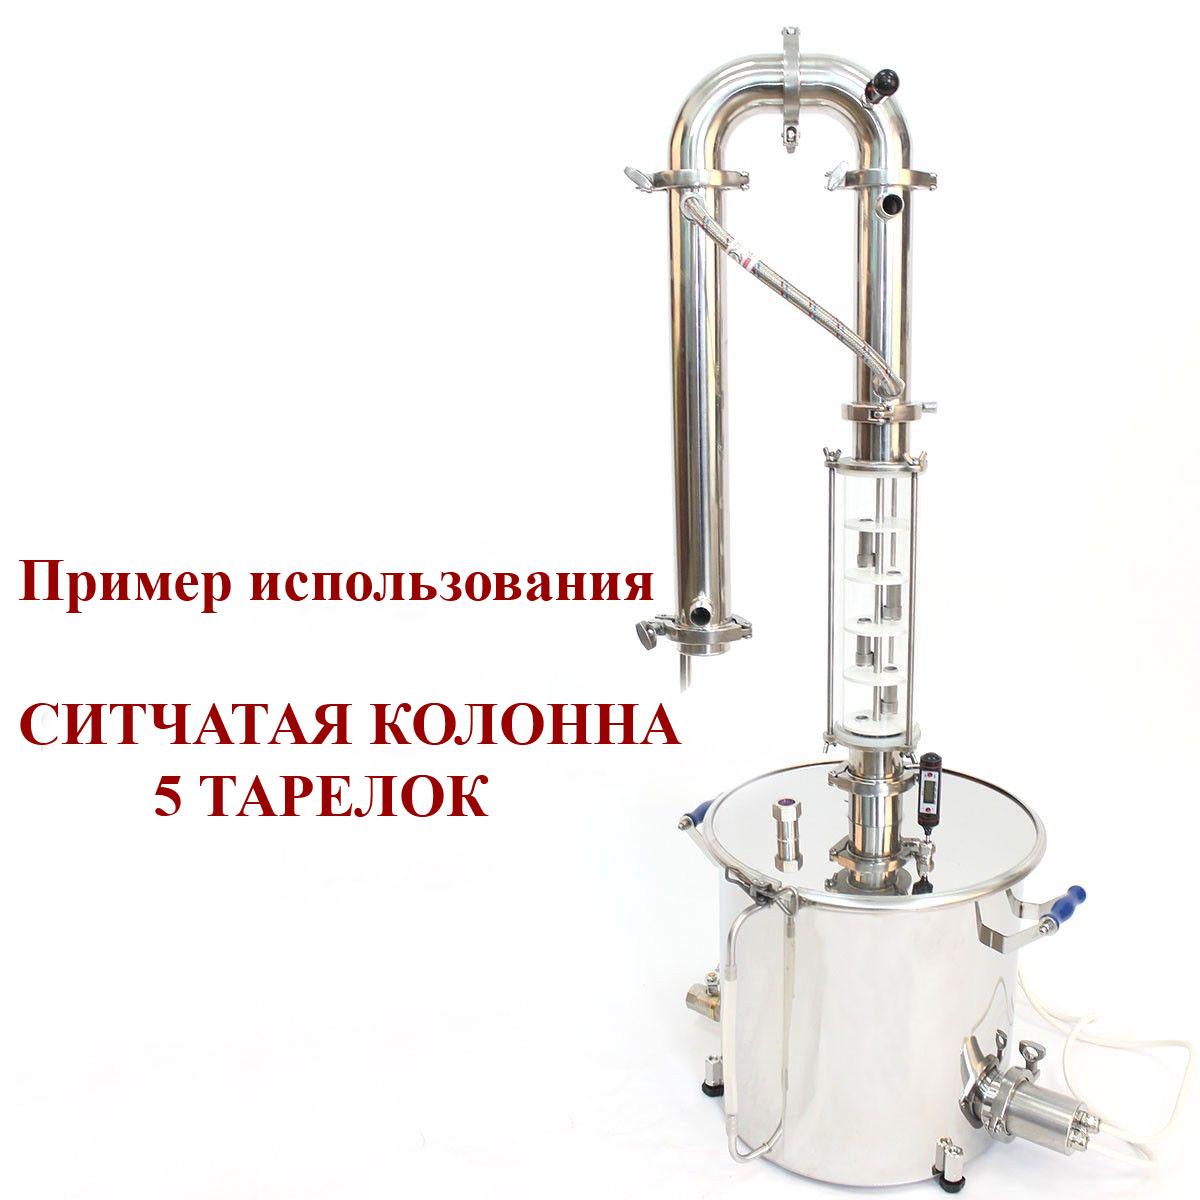 купить в новосибирске мини пивоварню